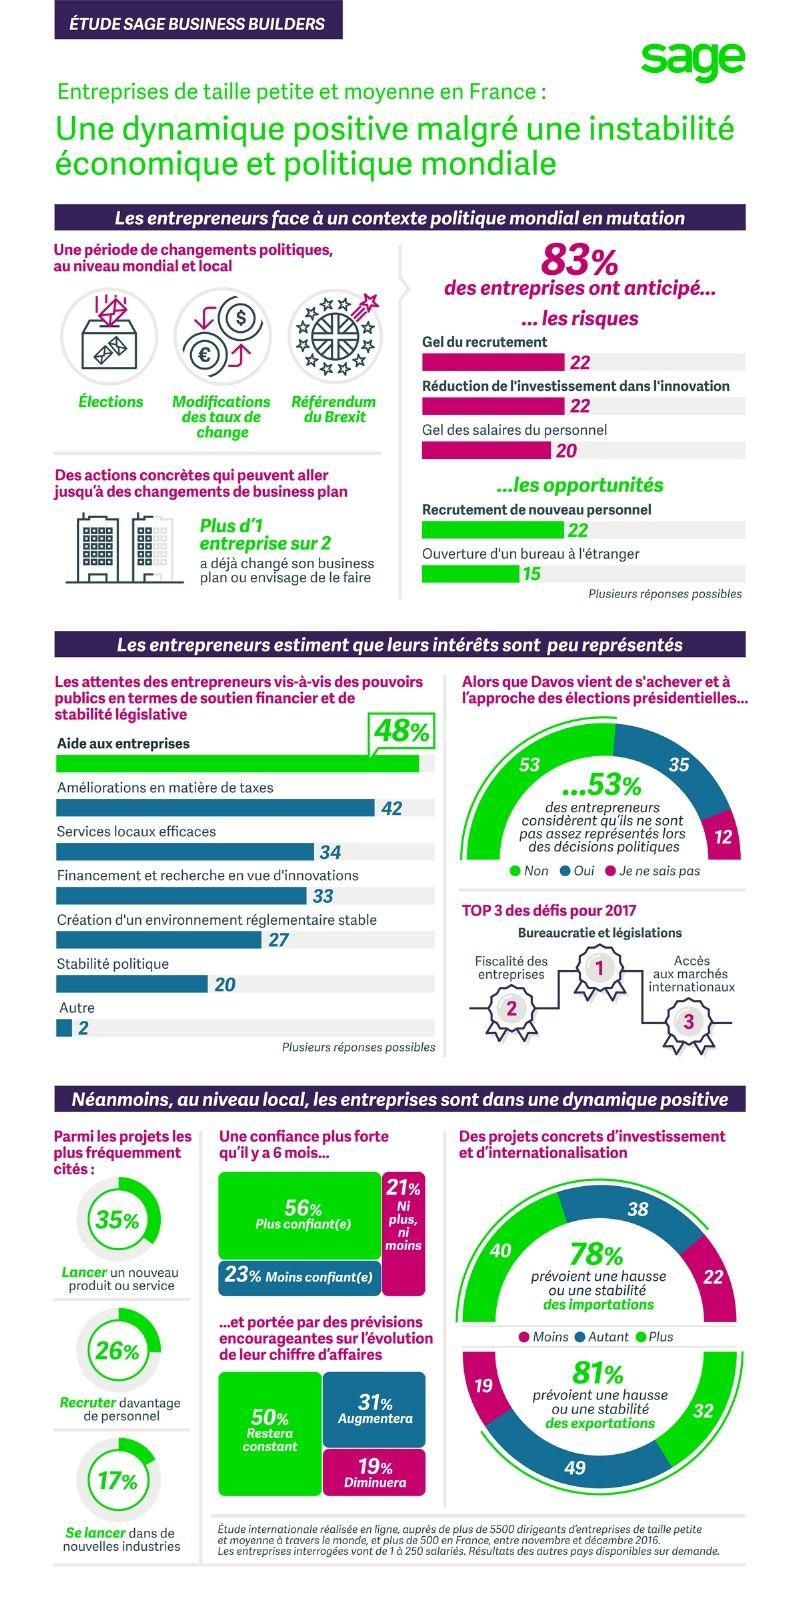 53% des entrepreneurs se jugent trop peu représentés lors des décisions politiques